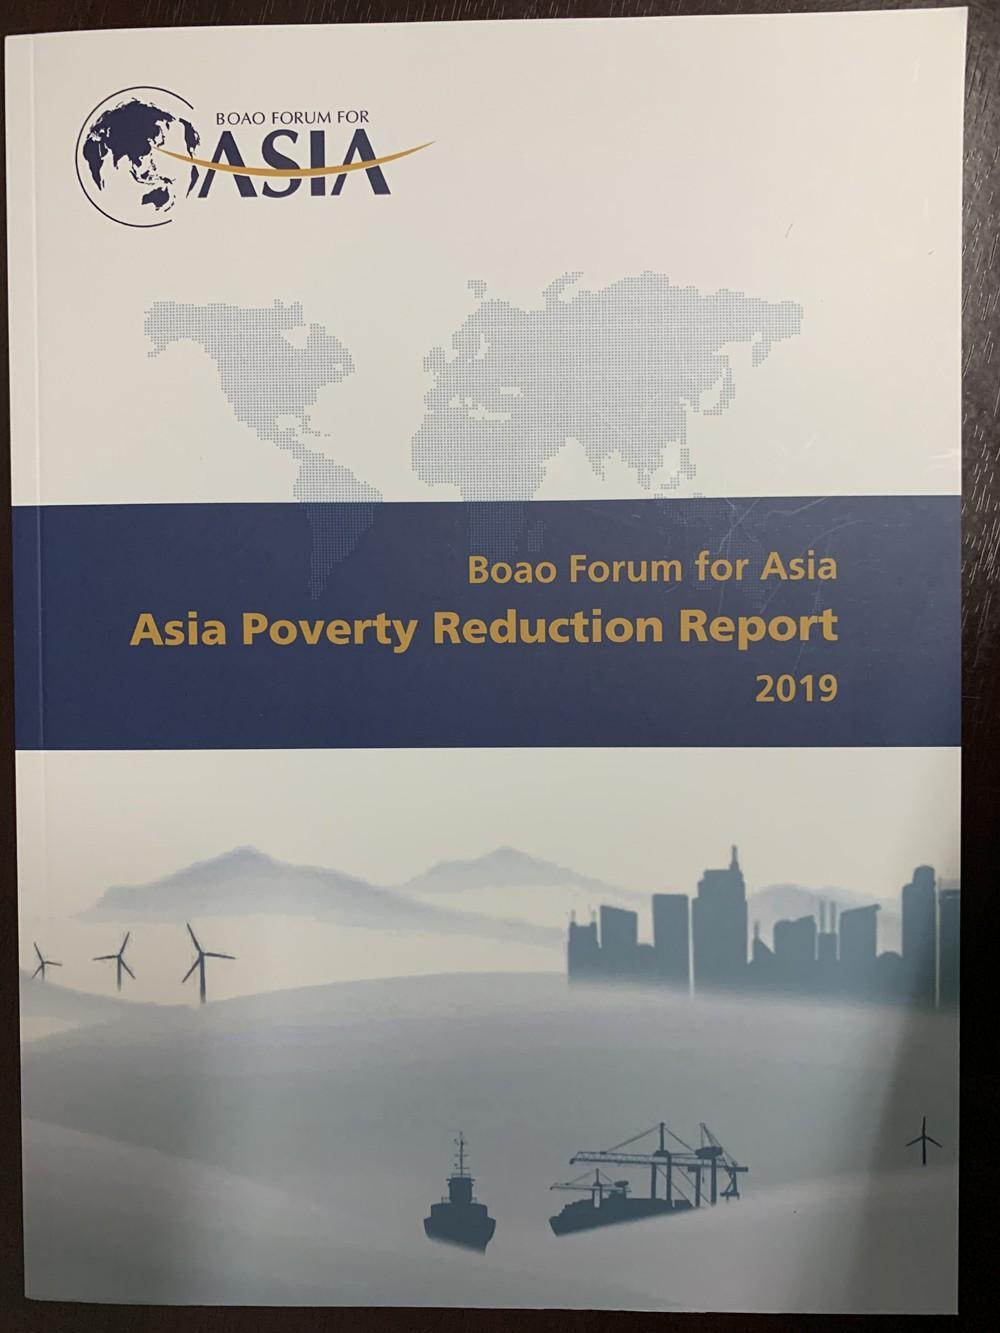 Diễn đàn châu Á Bác Ngao công bố 'Báo cáo giảm nghèo châu Á 2019' Ảnh 1